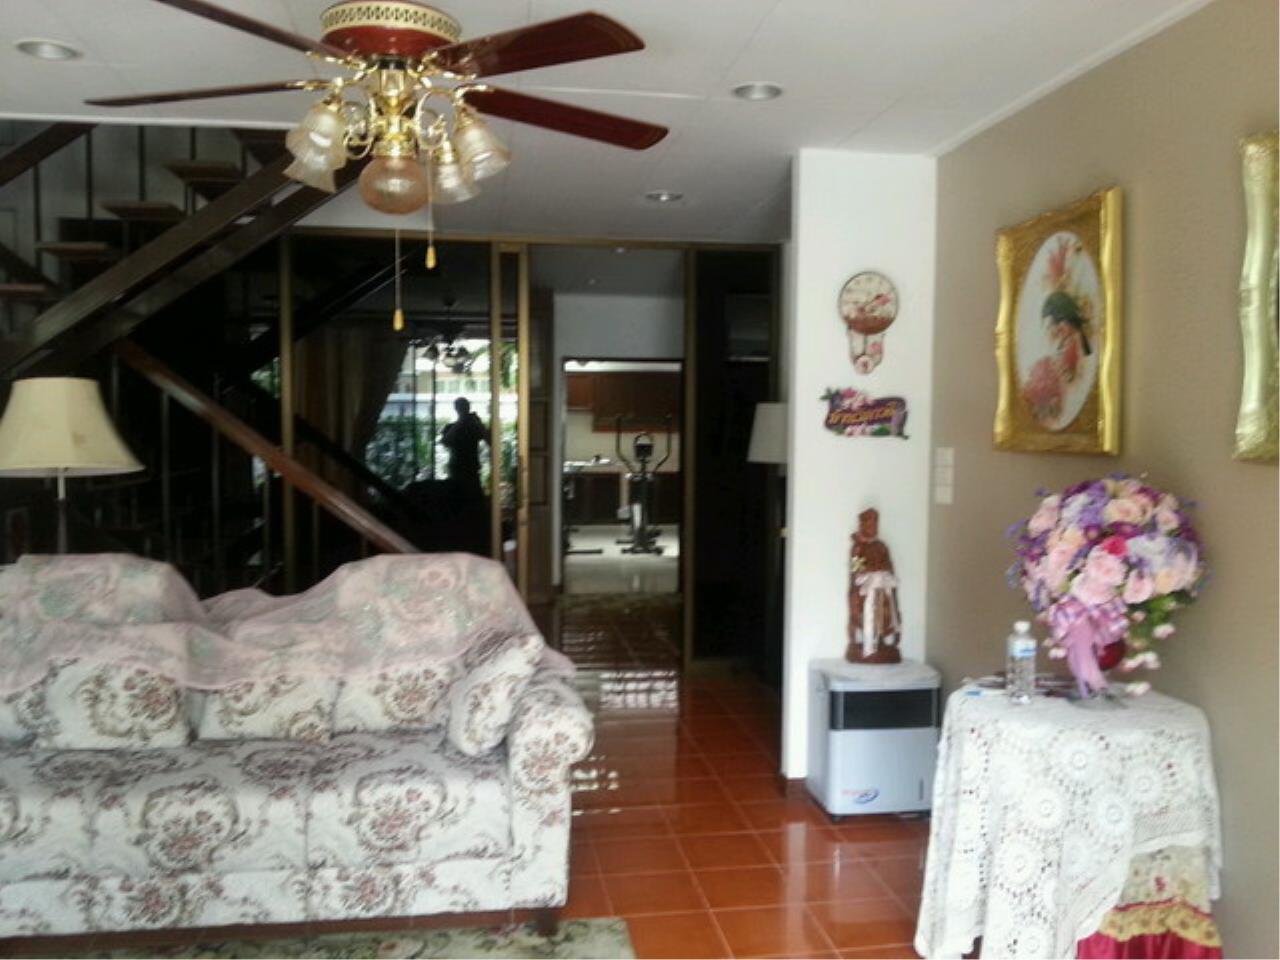 33676-Single house for sale, on Vipawadee road, 75 sq.wa.